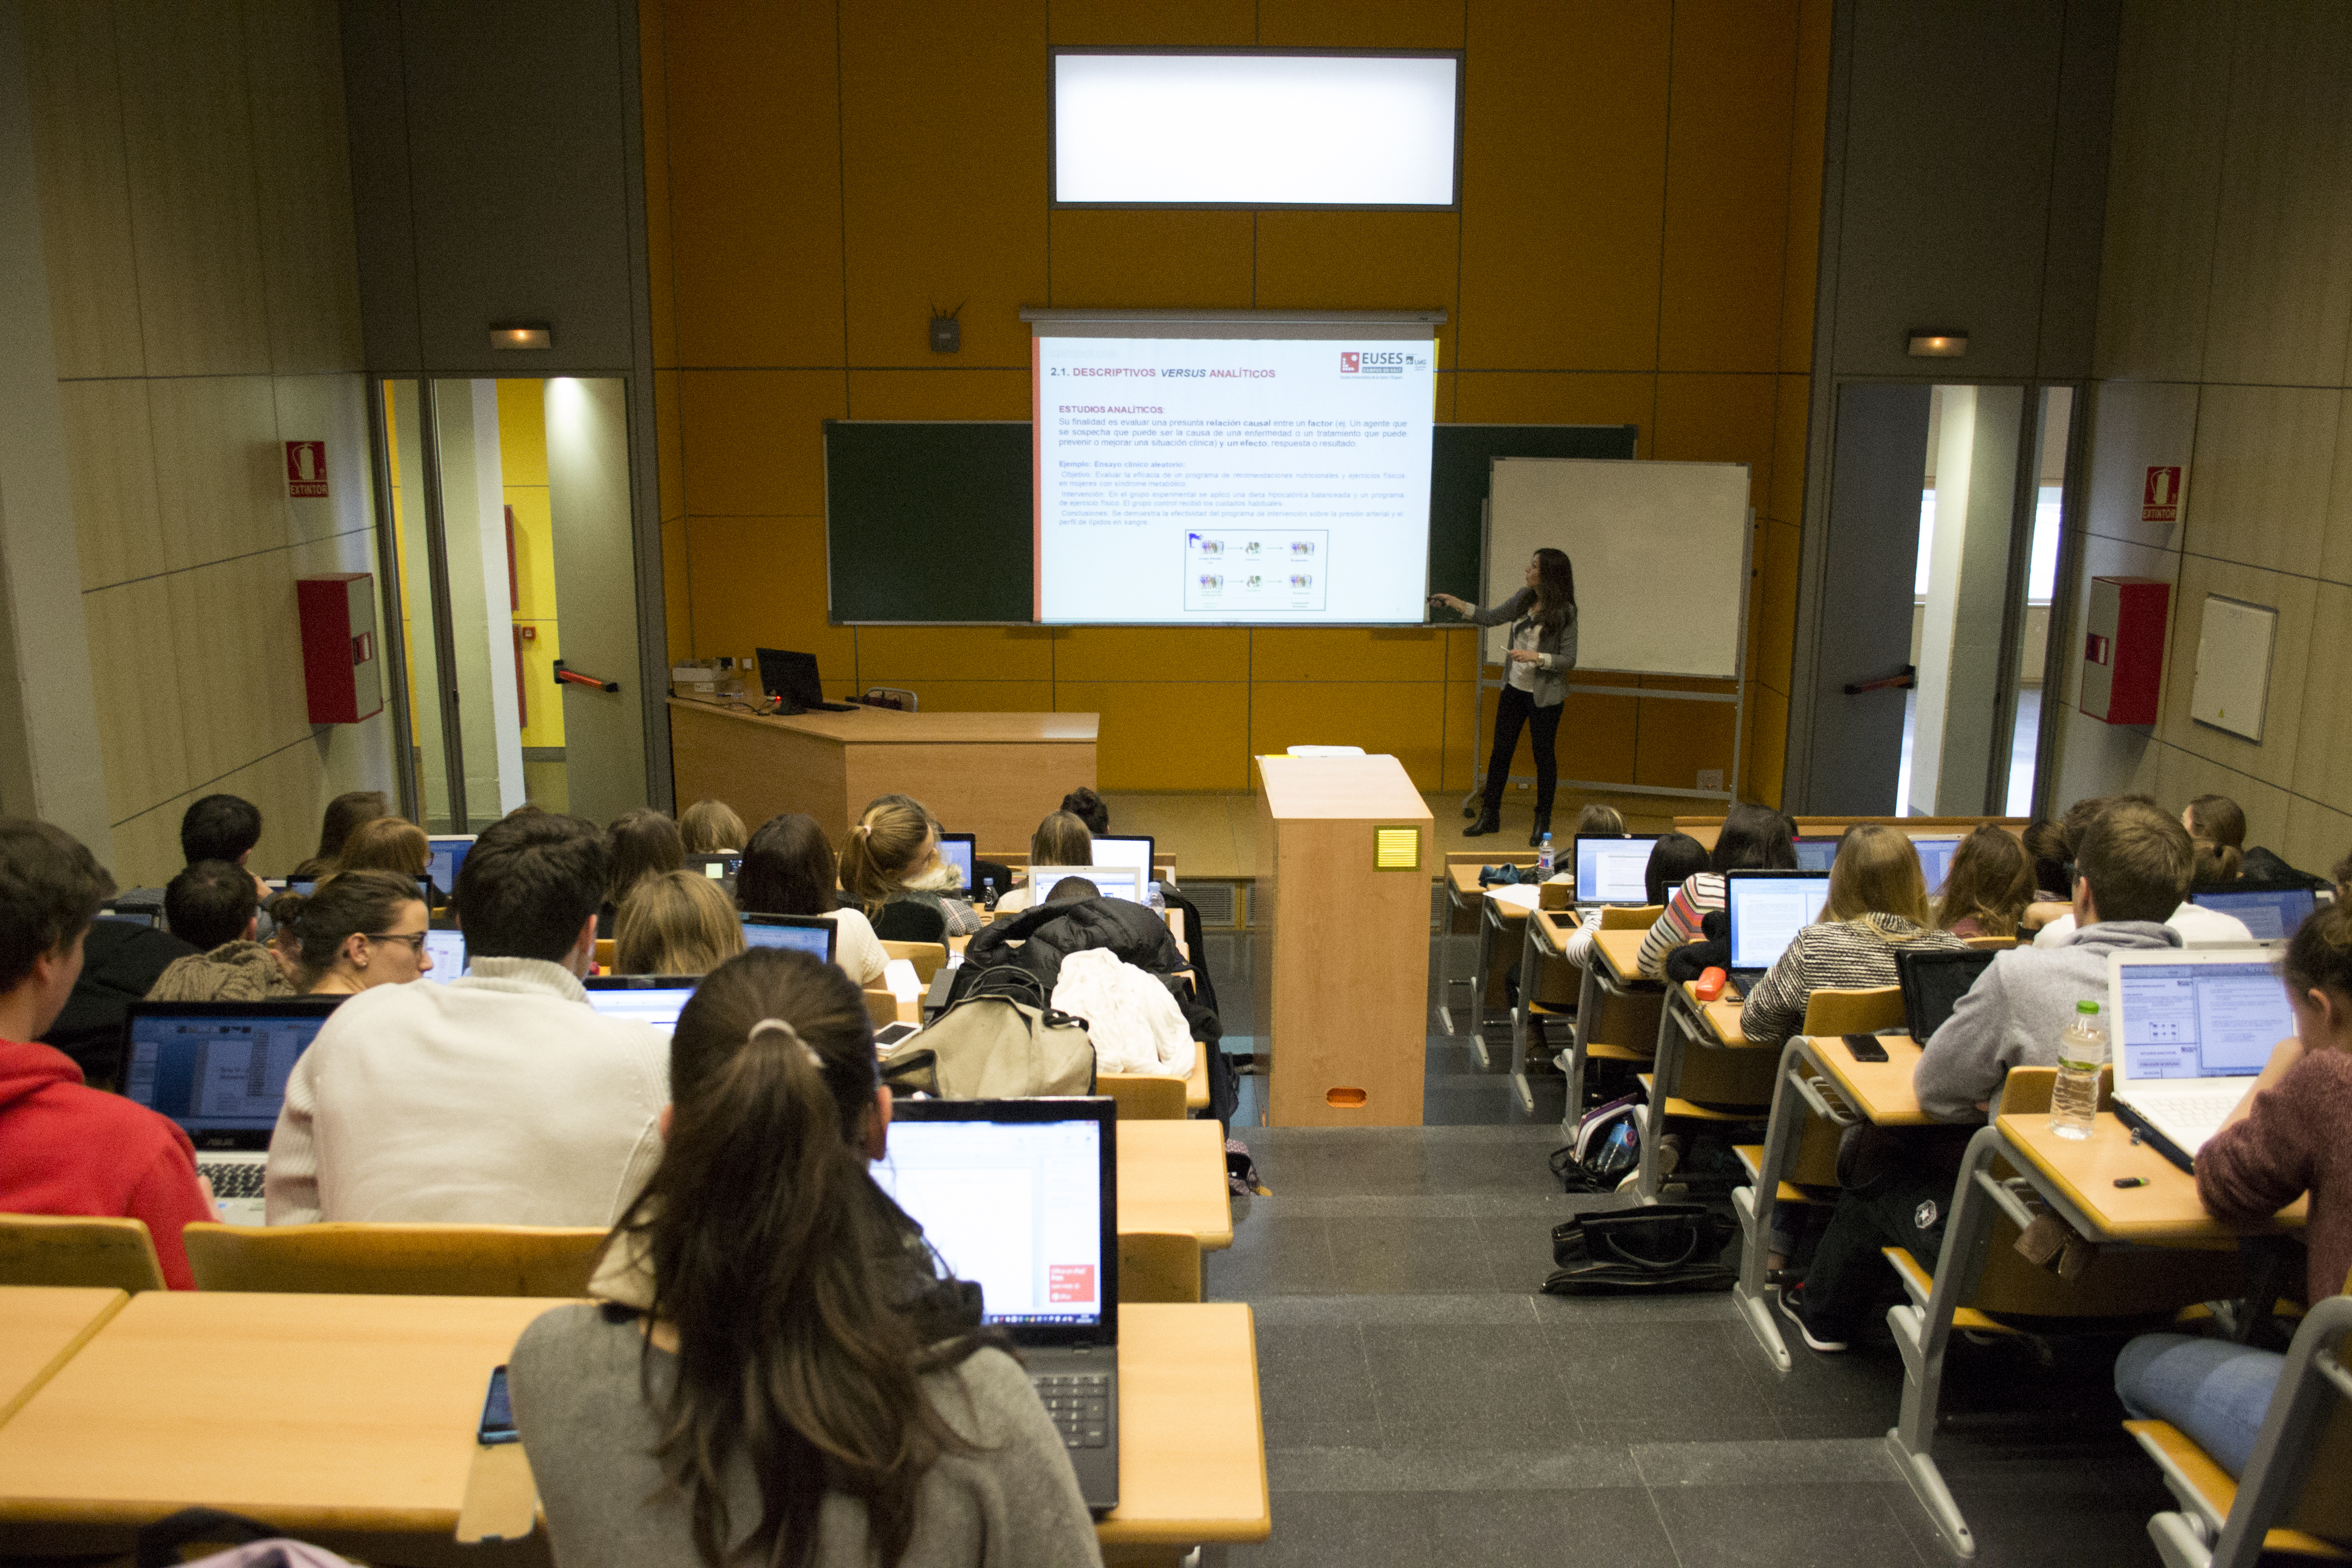 Vols conèixer l'impacte de les noves TIC aplicades a la fisioteràpia? Estudia el Grau en Fisioteràpia a EUSES-Campus Terres de l'Ebre